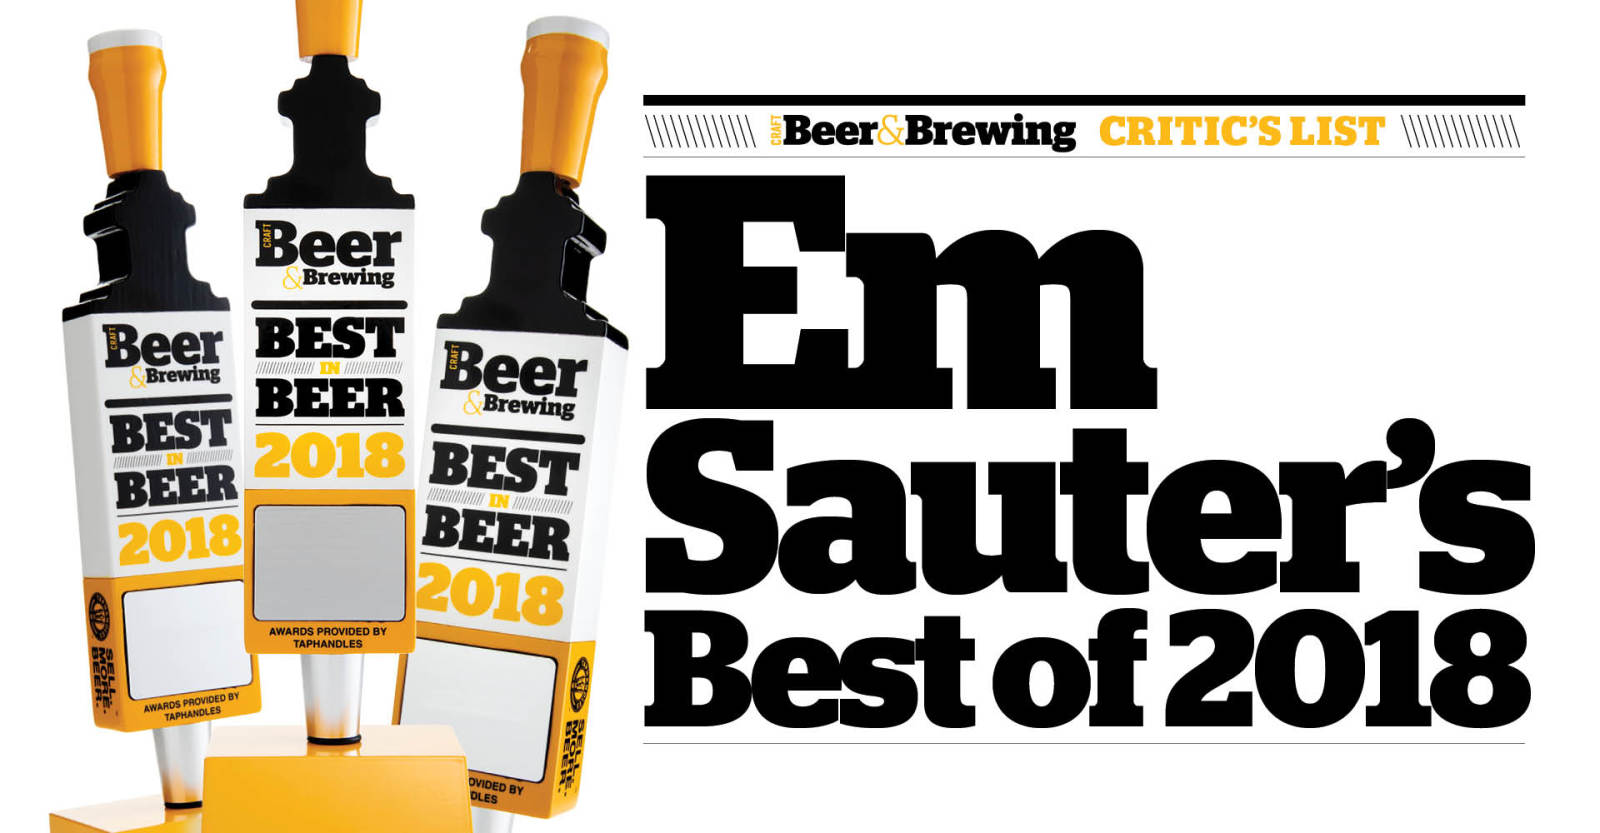 wayfinder-beer-2018_Best_in_Beer_Critics_Lists-Sauter.jpg